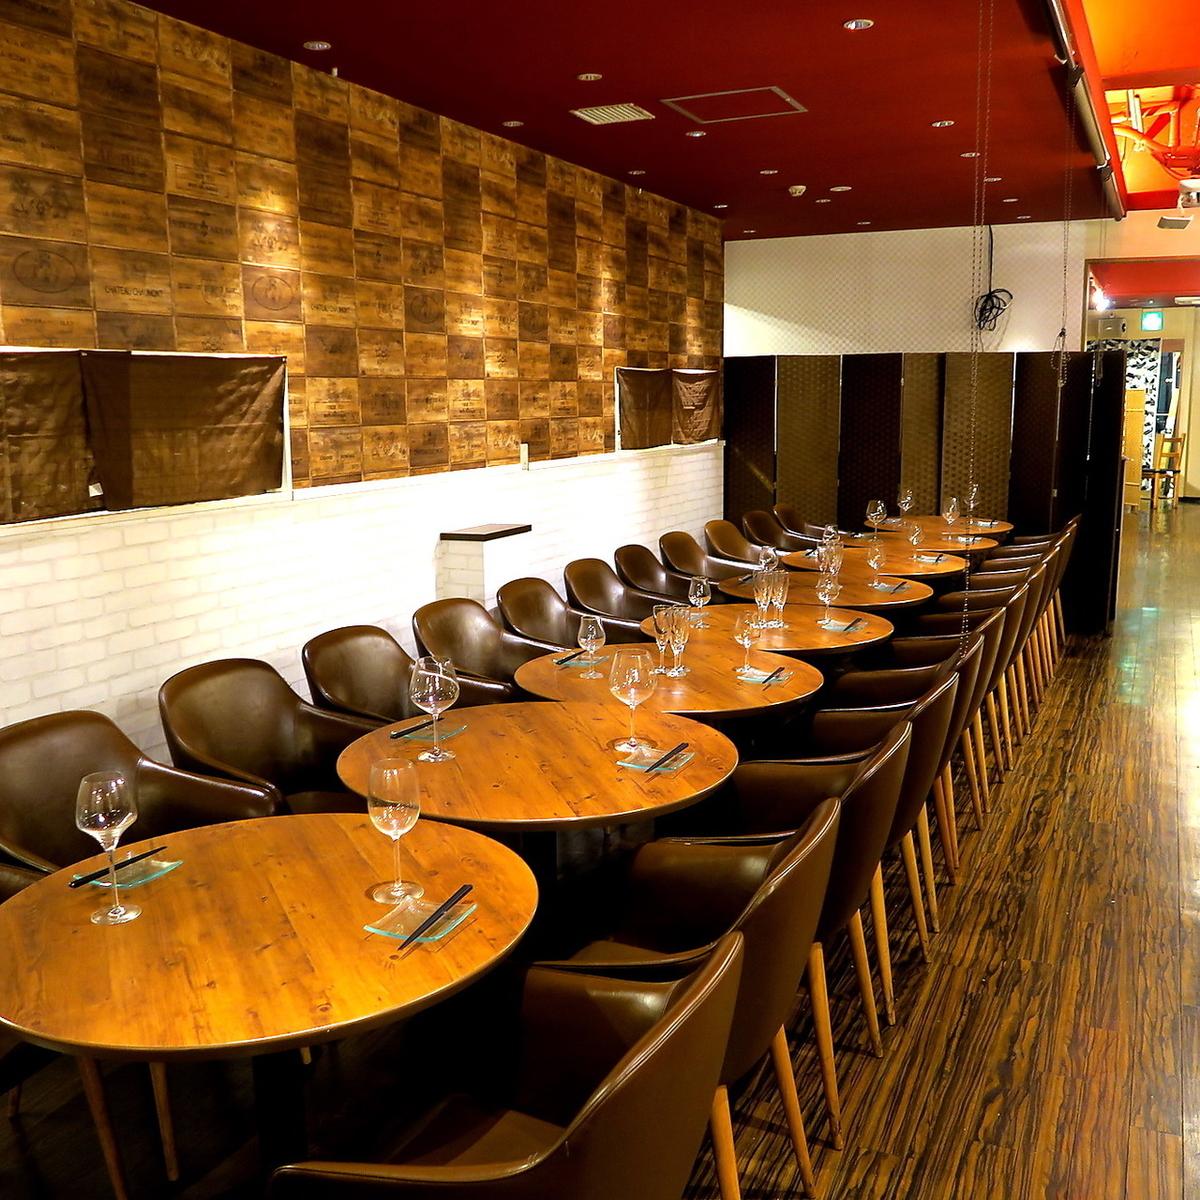 寬敞的座位也可供團體使用。請將它用於公司的各種宴會!請在細心的空間享用美食!請不要猶豫與我們聯繫。